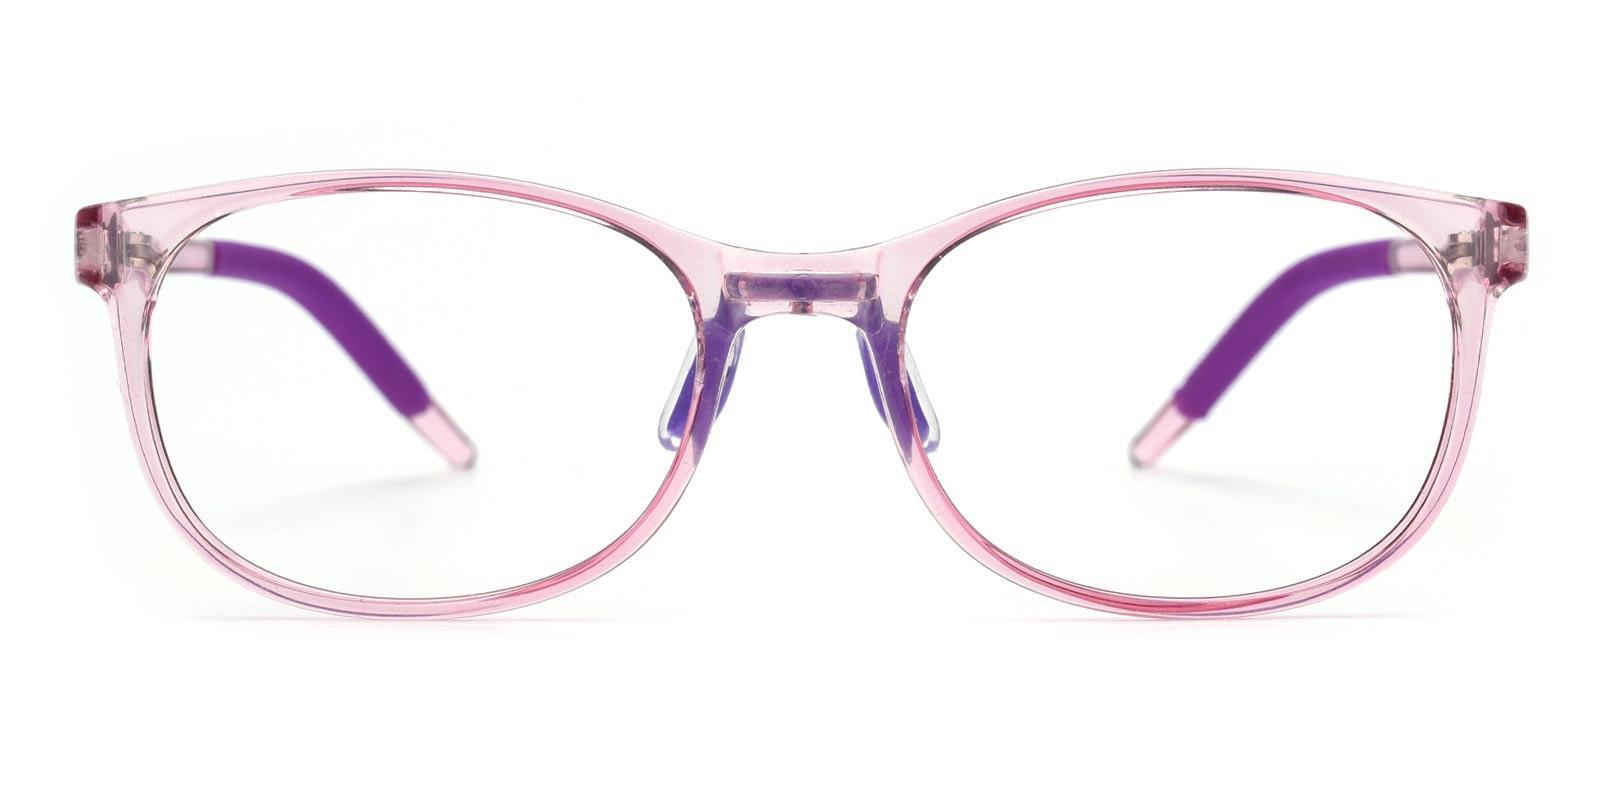 Levan-Purple-Oval-TR-Eyeglasses-detail